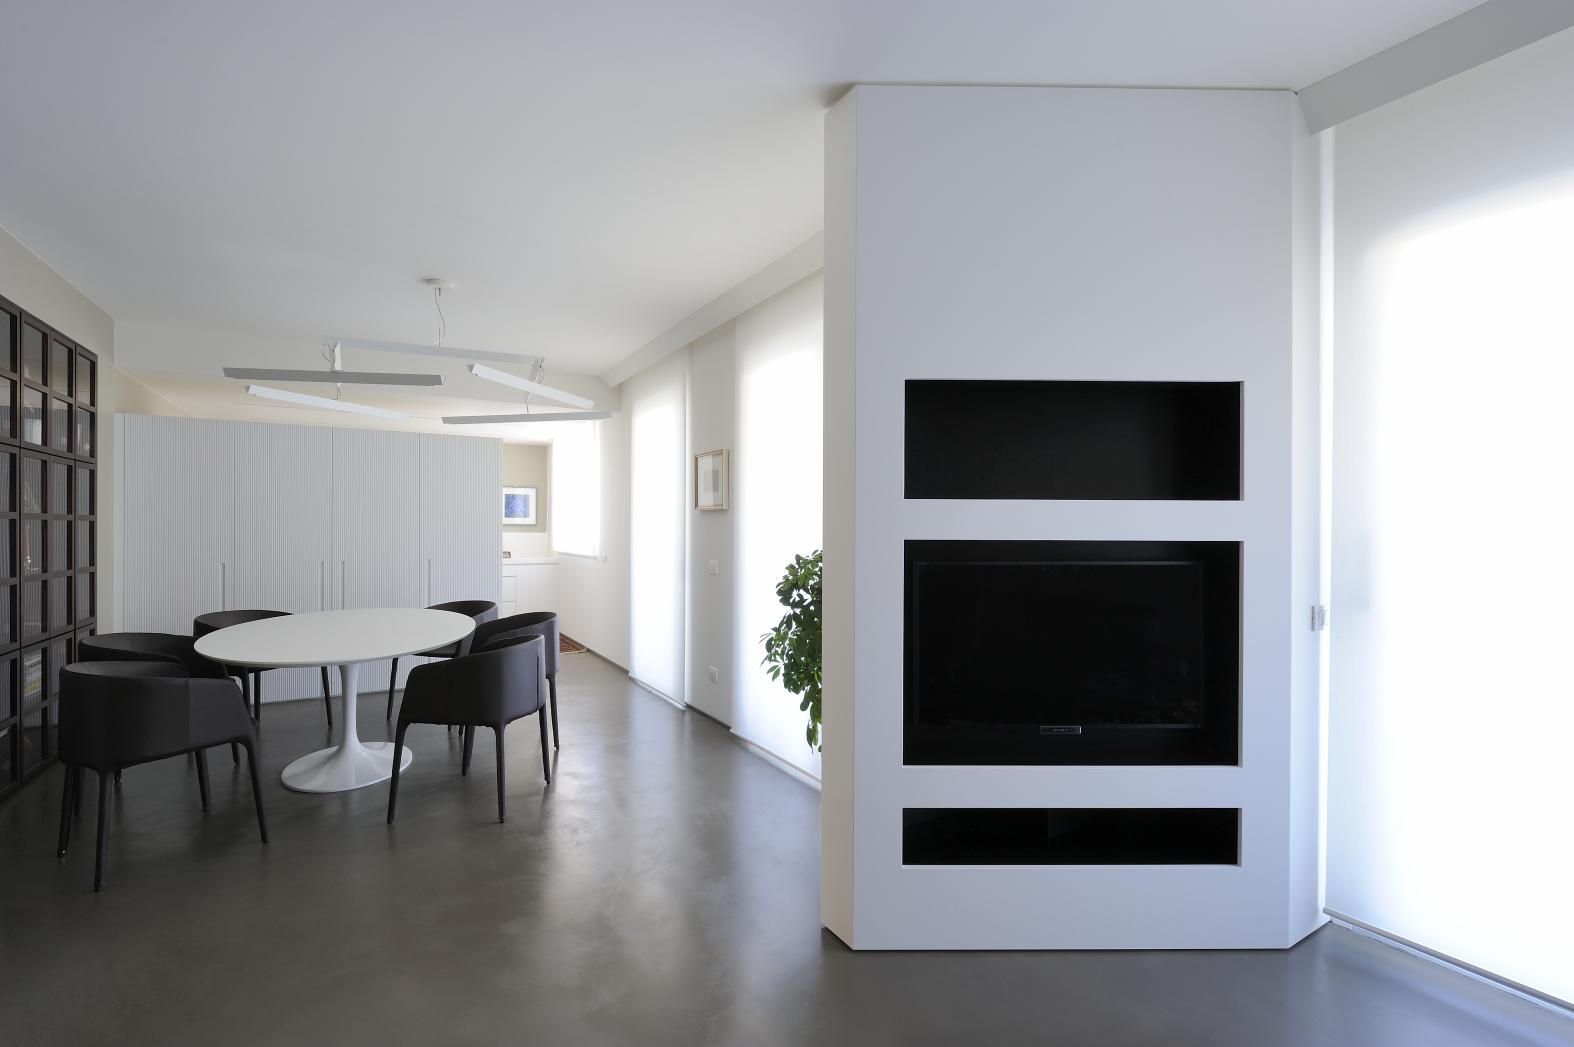 soggiorno design trento - boncecchio.it